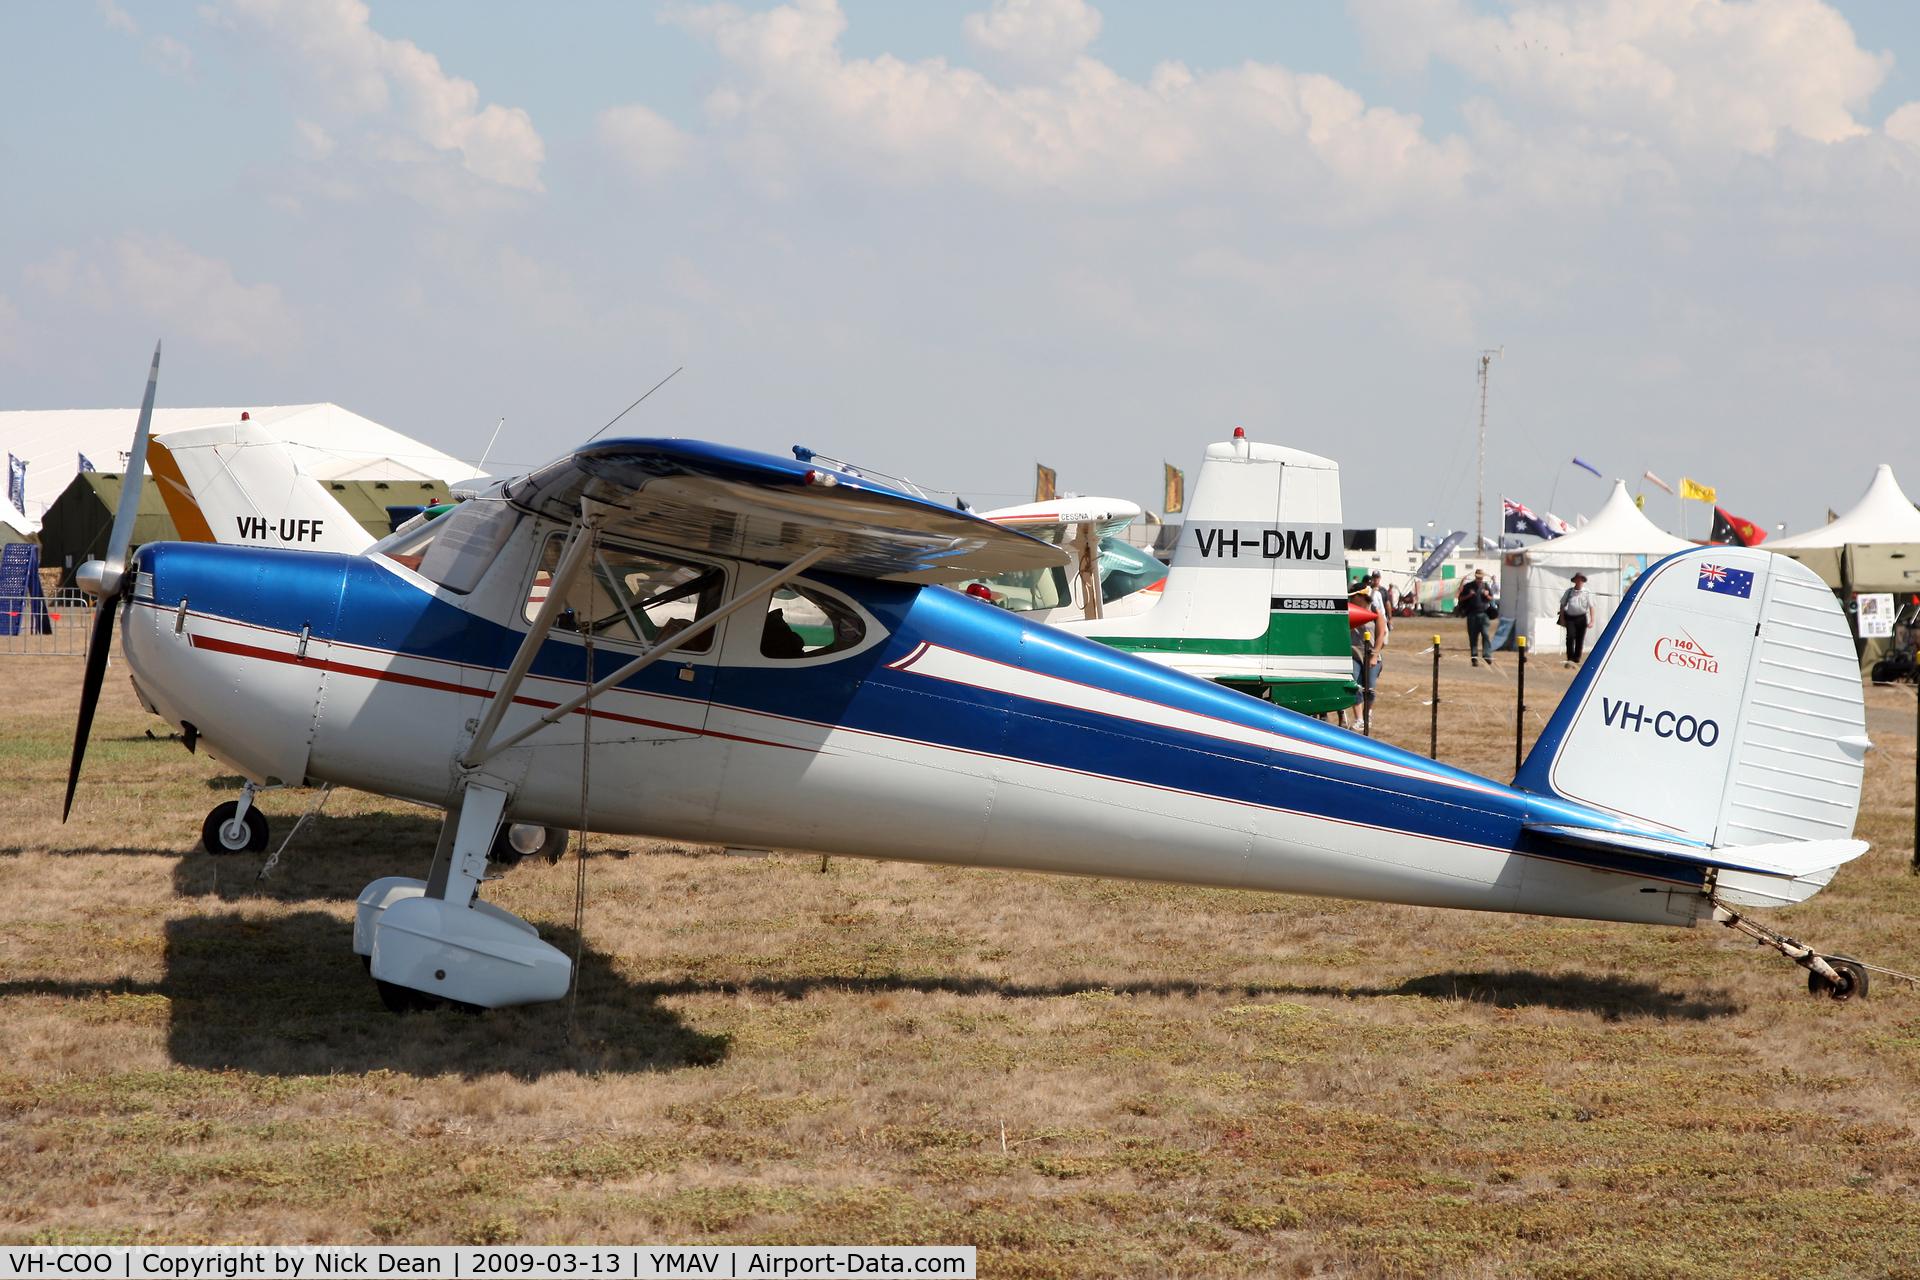 VH-COO, Cessna 140 C/N 10805, YMAV